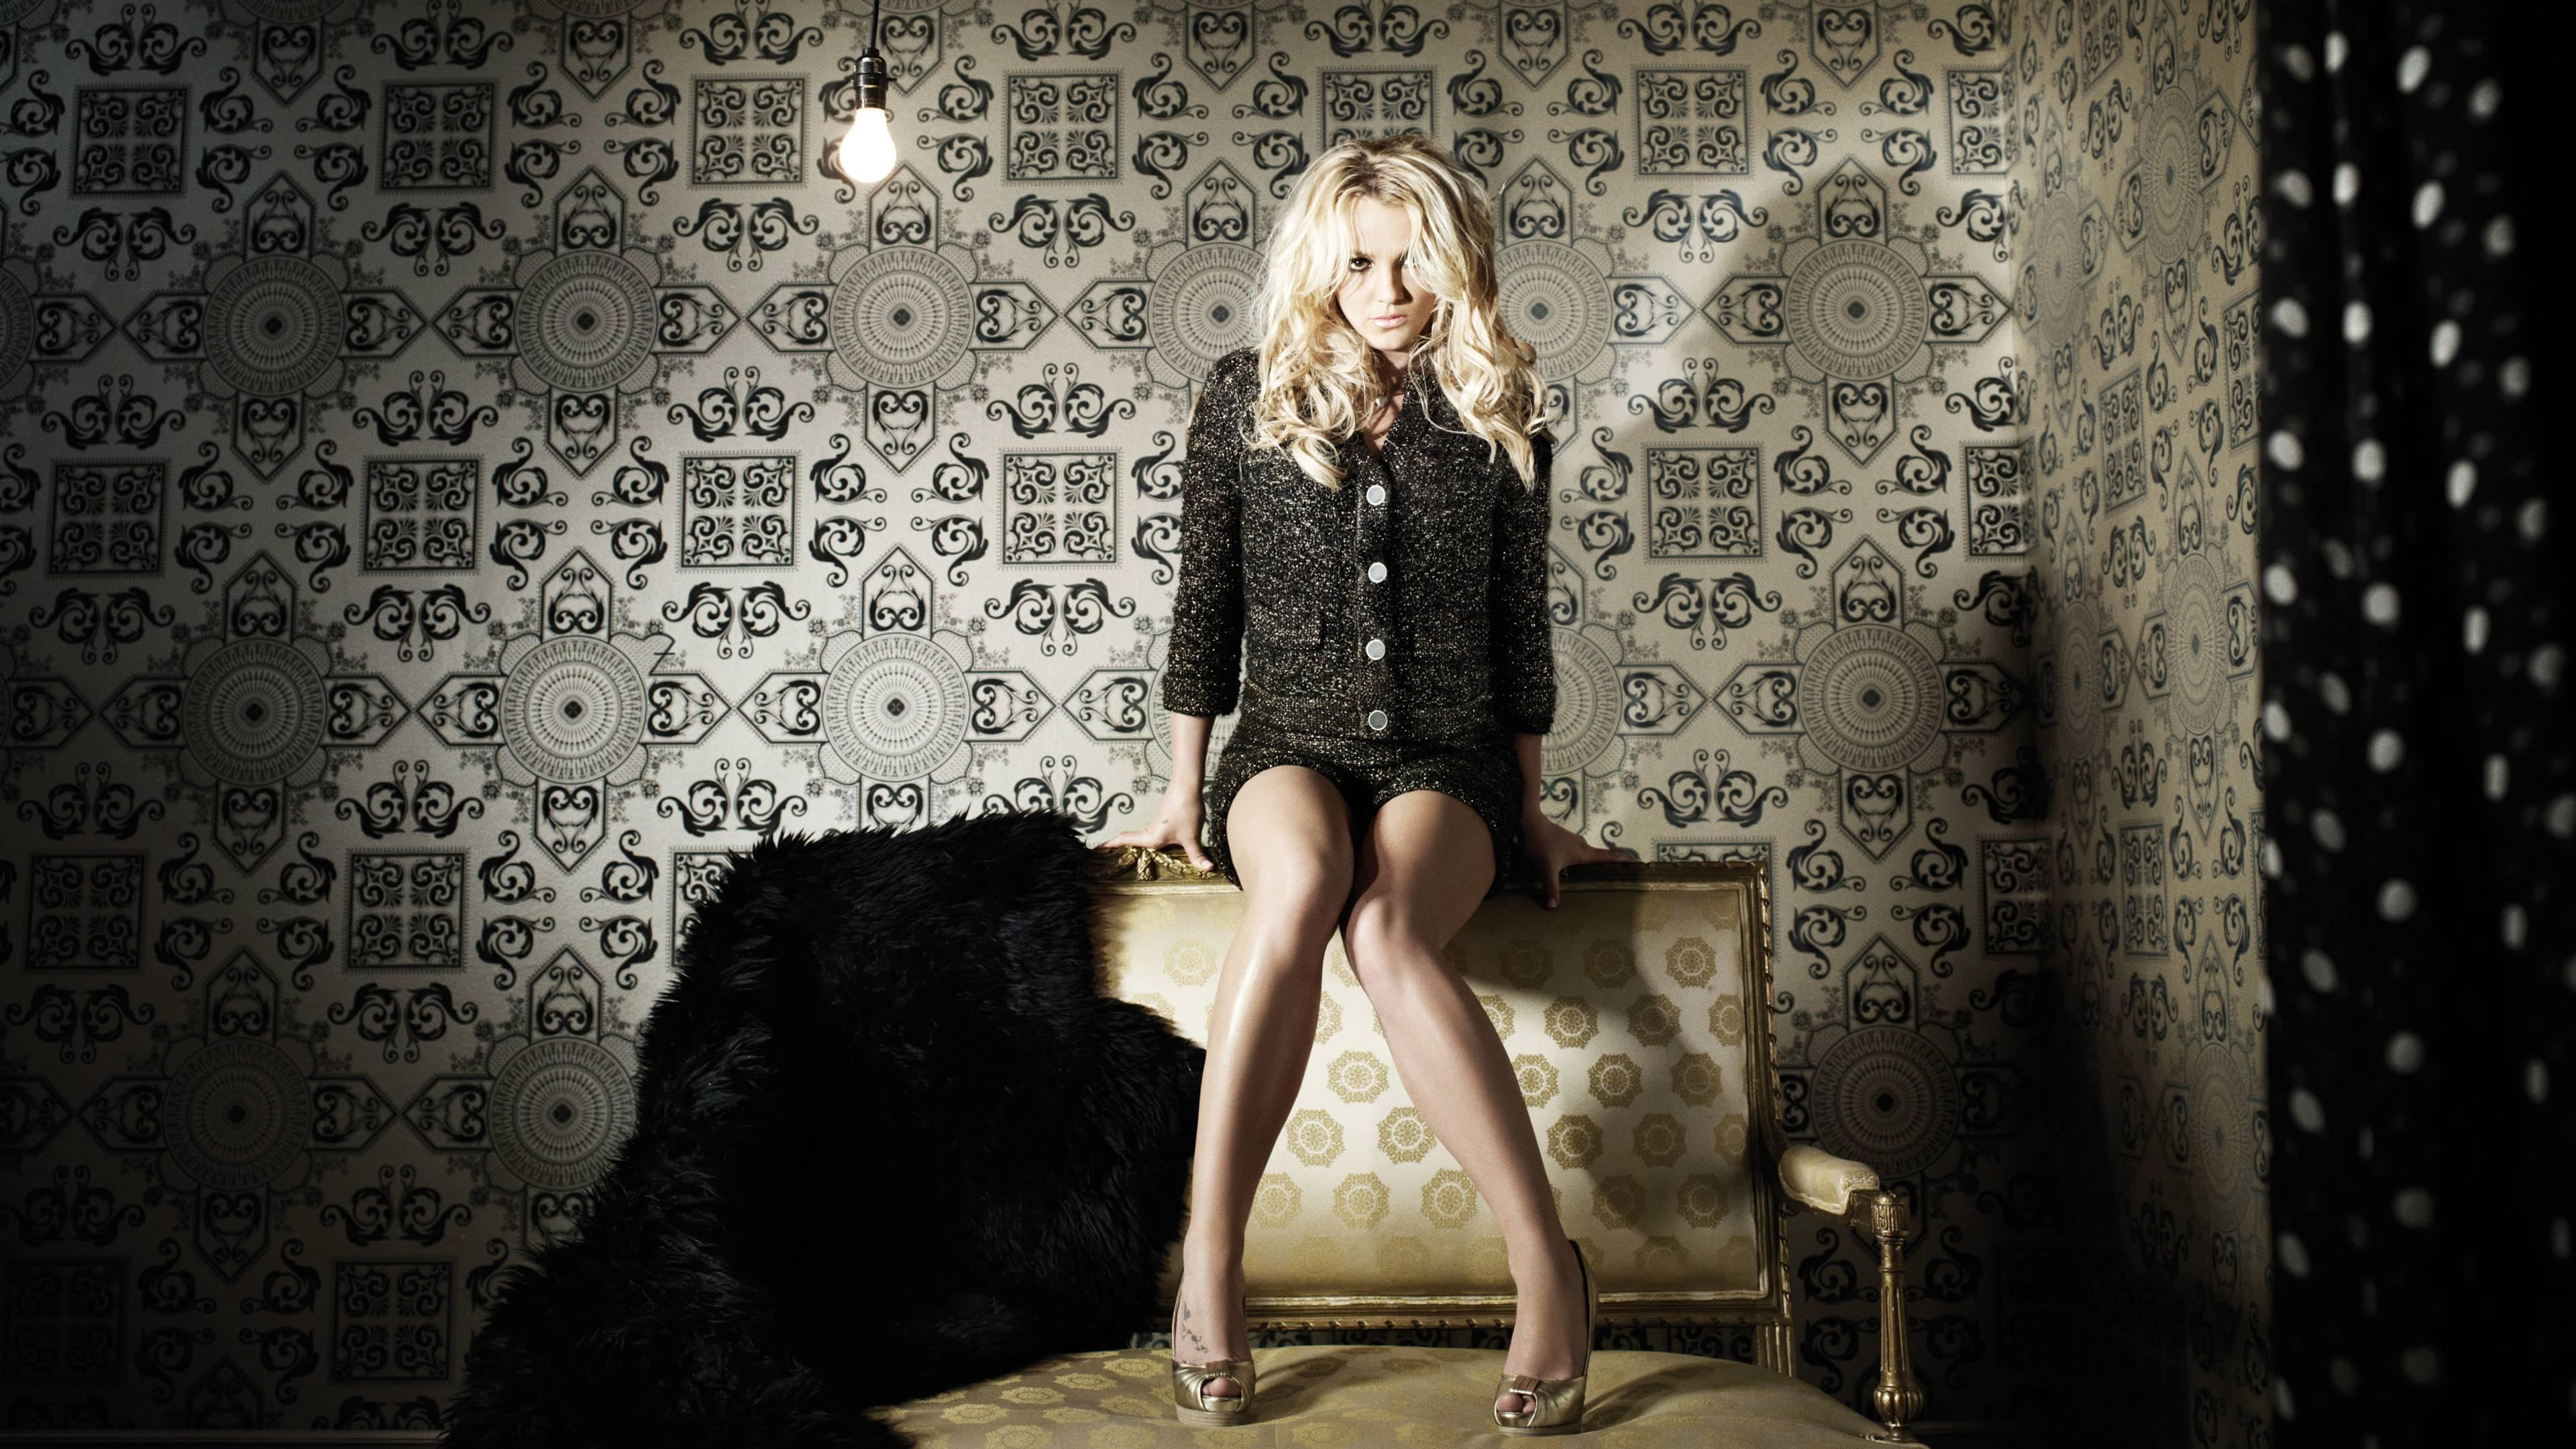 britney spears hd 1536857155 - Britney Spears HD - girls wallpapers, celebrities wallpapers, britney spears wallpapers